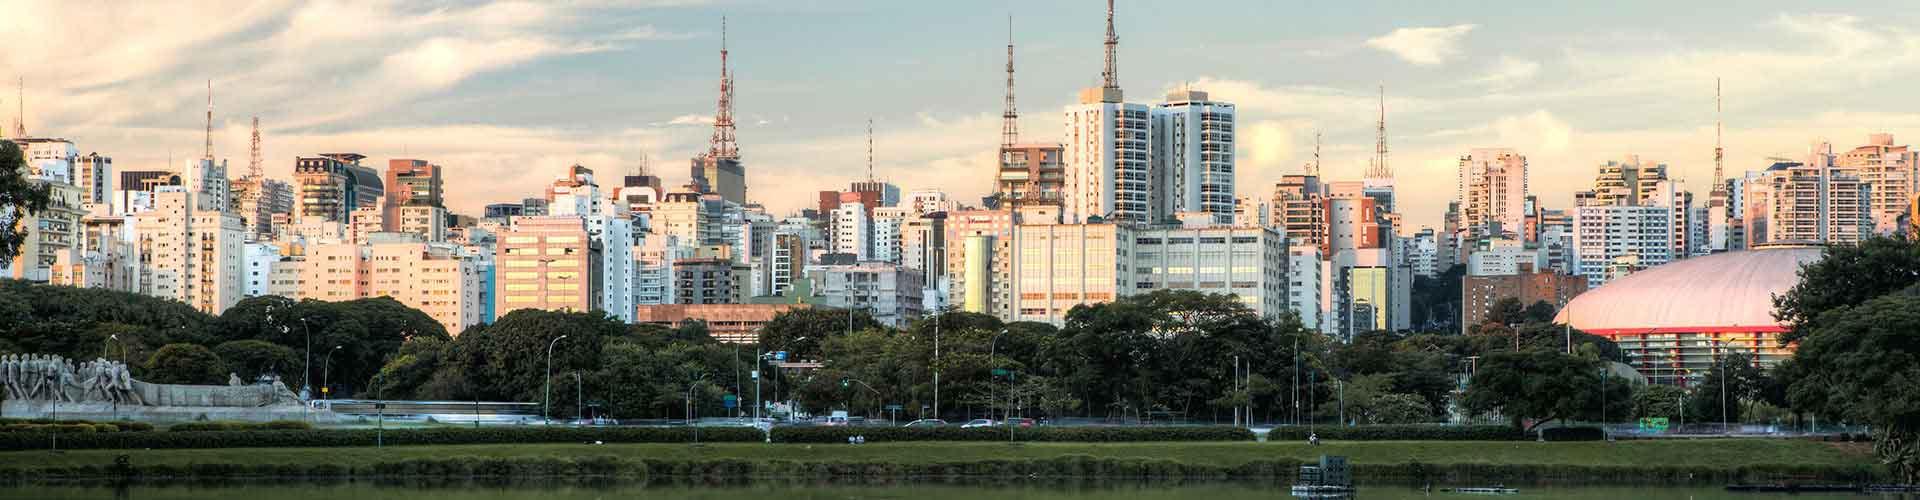 Sao Paulo - Hoteles baratos en el distrito Pinheiros. Mapas de Sao Paulo, Fotos y comentarios de cada Hotel barato en Sao Paulo.